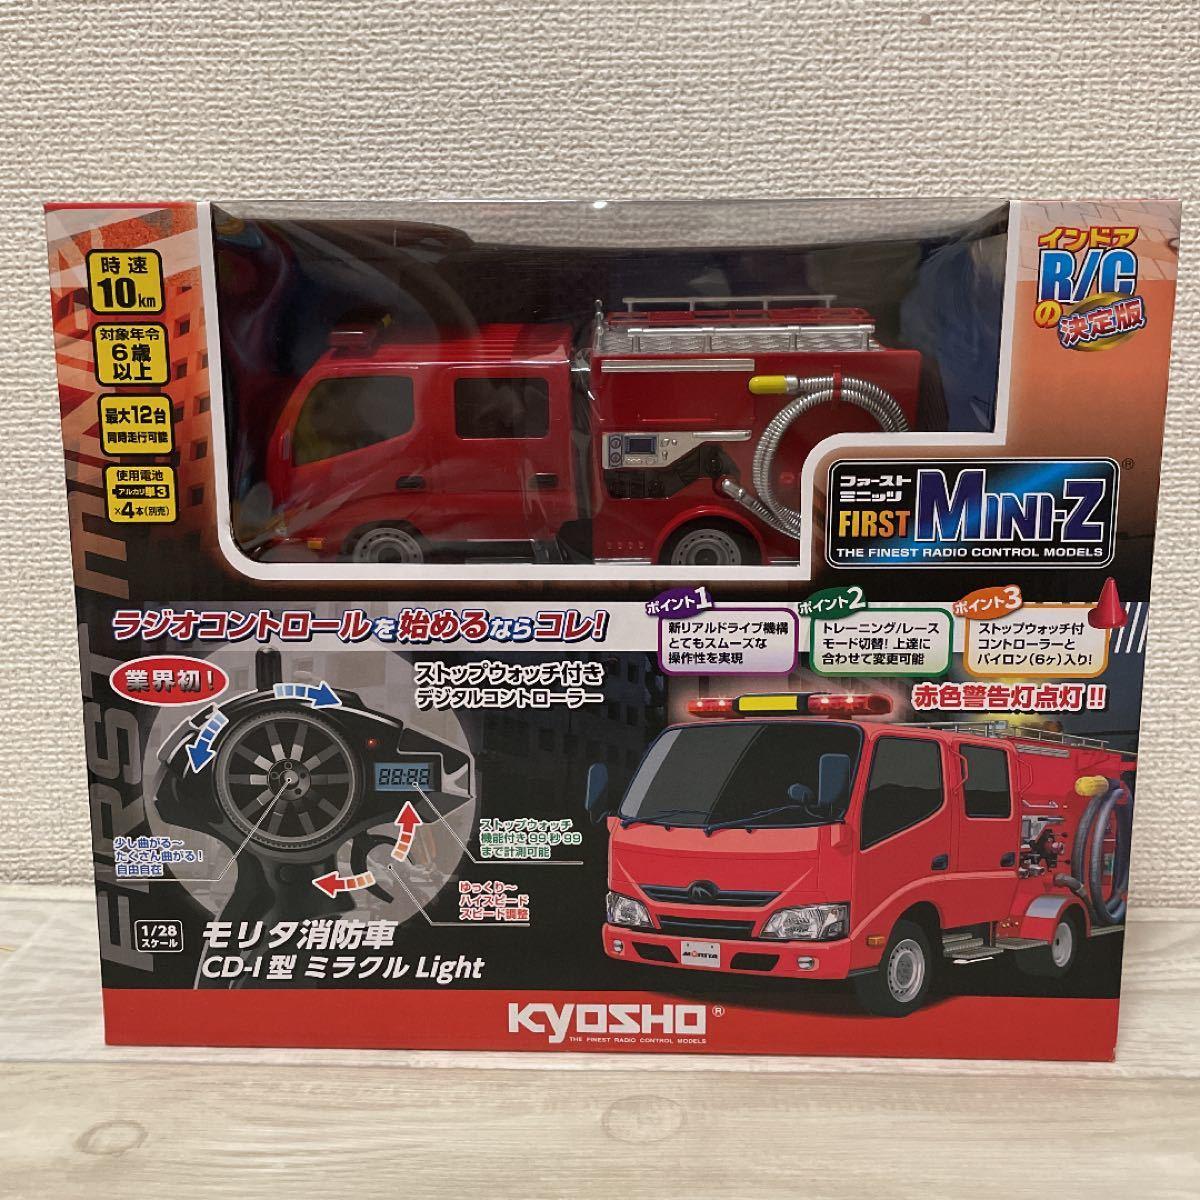 京商ラジコン ファーストミニッツ モリタ消防車